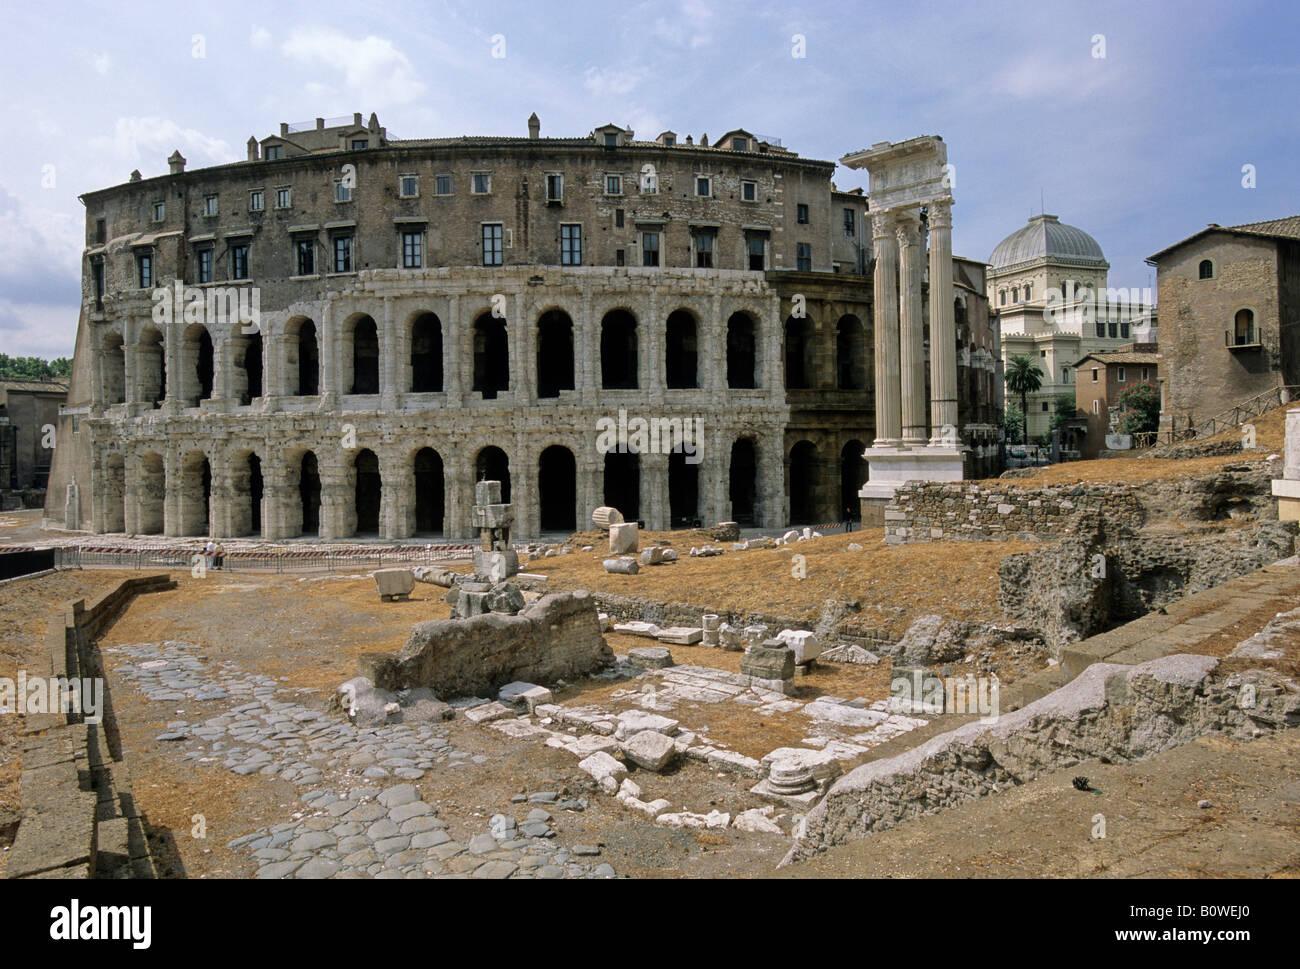 Theater of Marcellus, Temple of Apollo Sosianus, synagogue, Rome, Latium, Italy - Stock Image